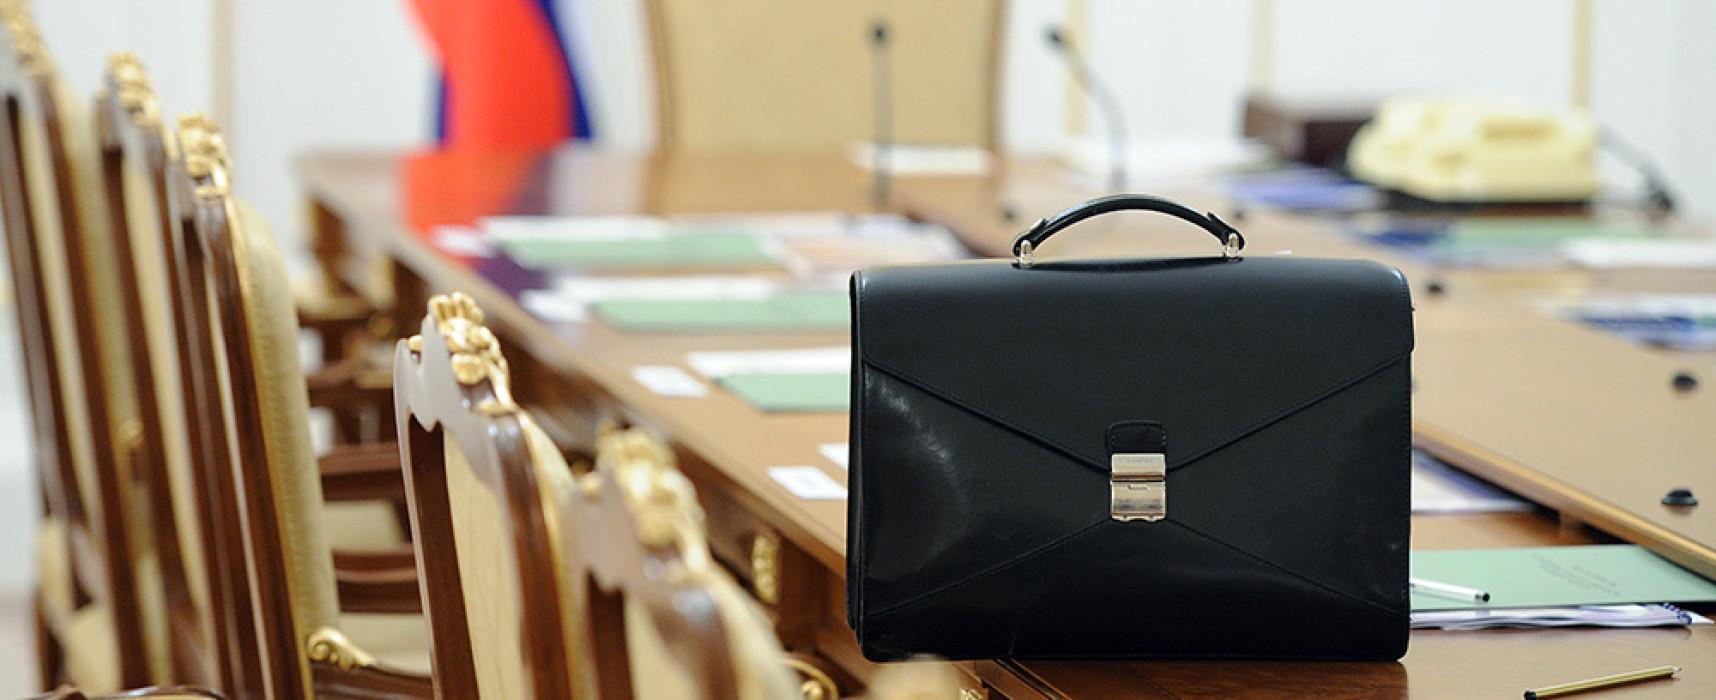 Совместительство для государственных служащих: допустимо или нет?